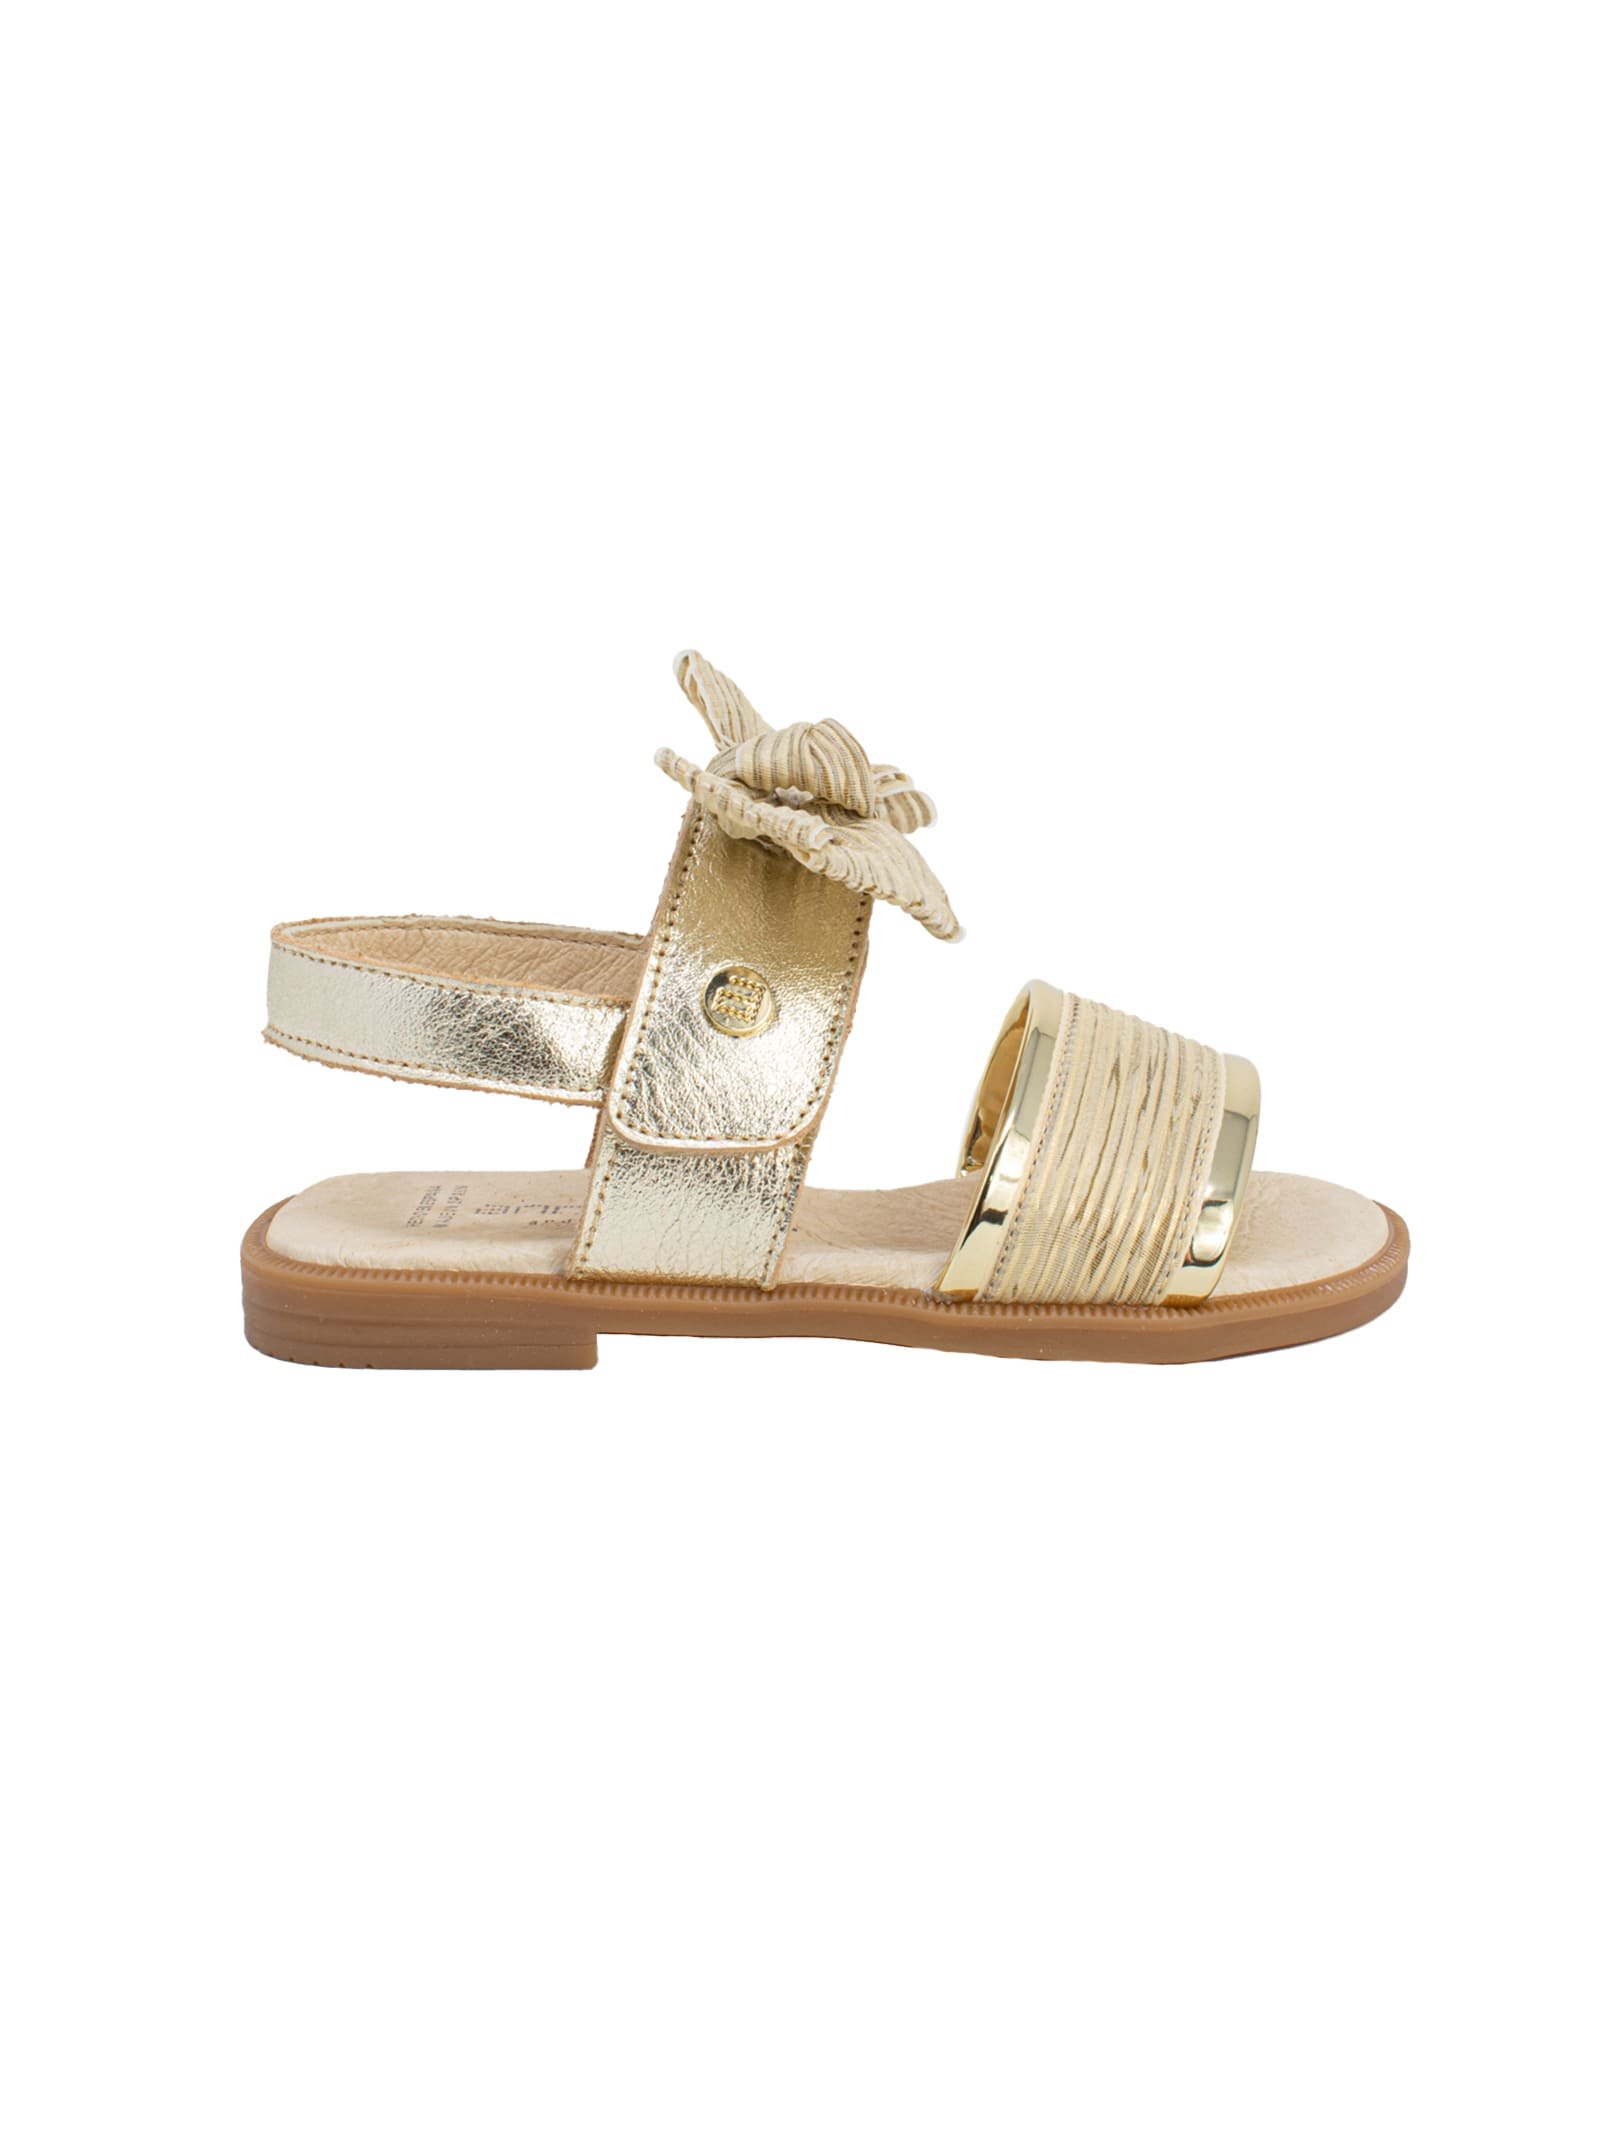 Sandalo Fiocco Gold ANDANINES | Sandali | 211455CHAMPAGNE